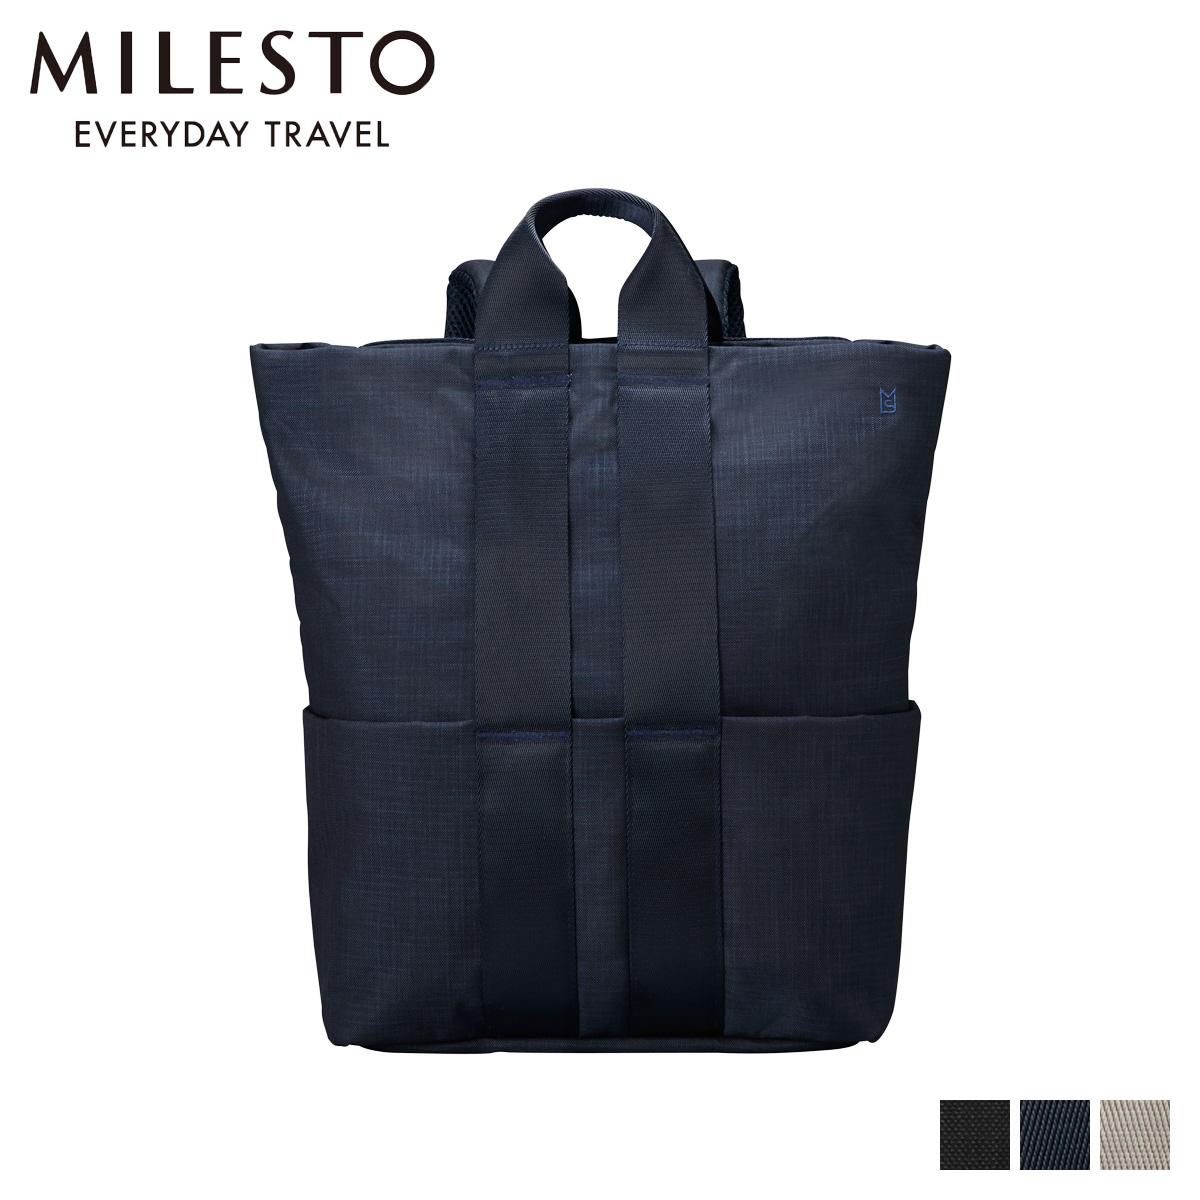 ミレスト MILESTO リュック バッグ バックパック メンズ レディース STLAKT BACKPACK M ブラック ネイビー グレージュ 黒 MLS568